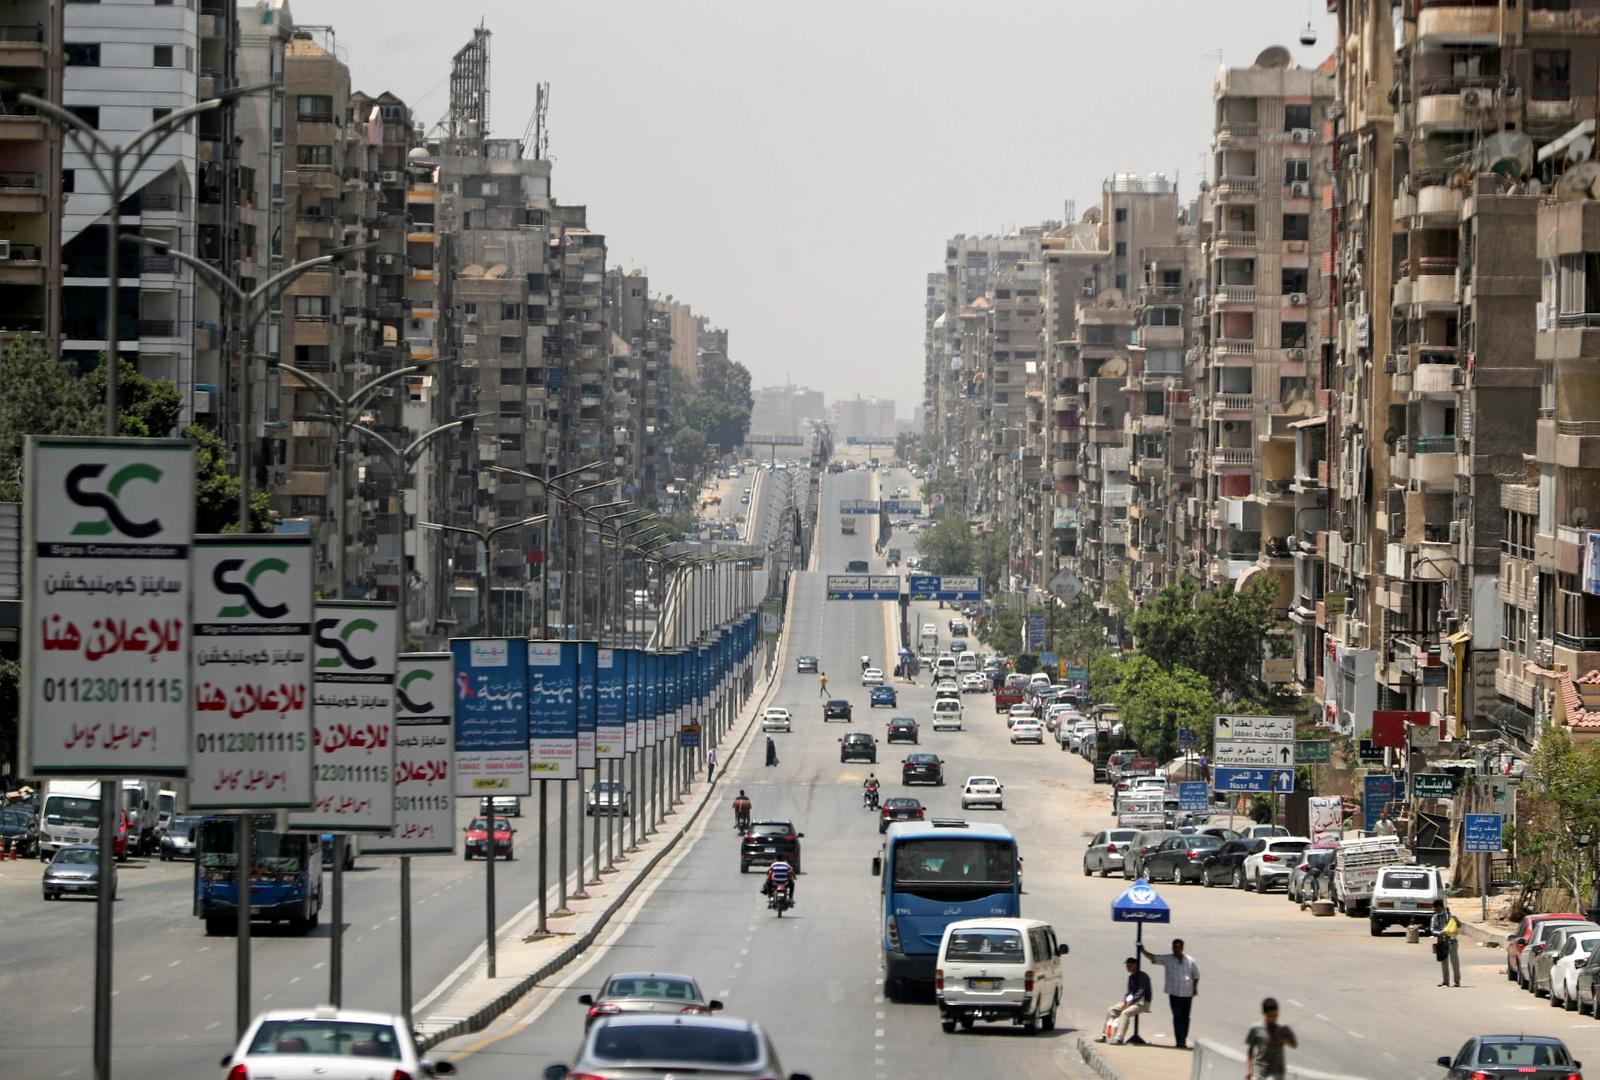 مصر.. الكشف عن تفاصيل سعر وتصنيع وحجز السيارة الكهربائية الجديدة